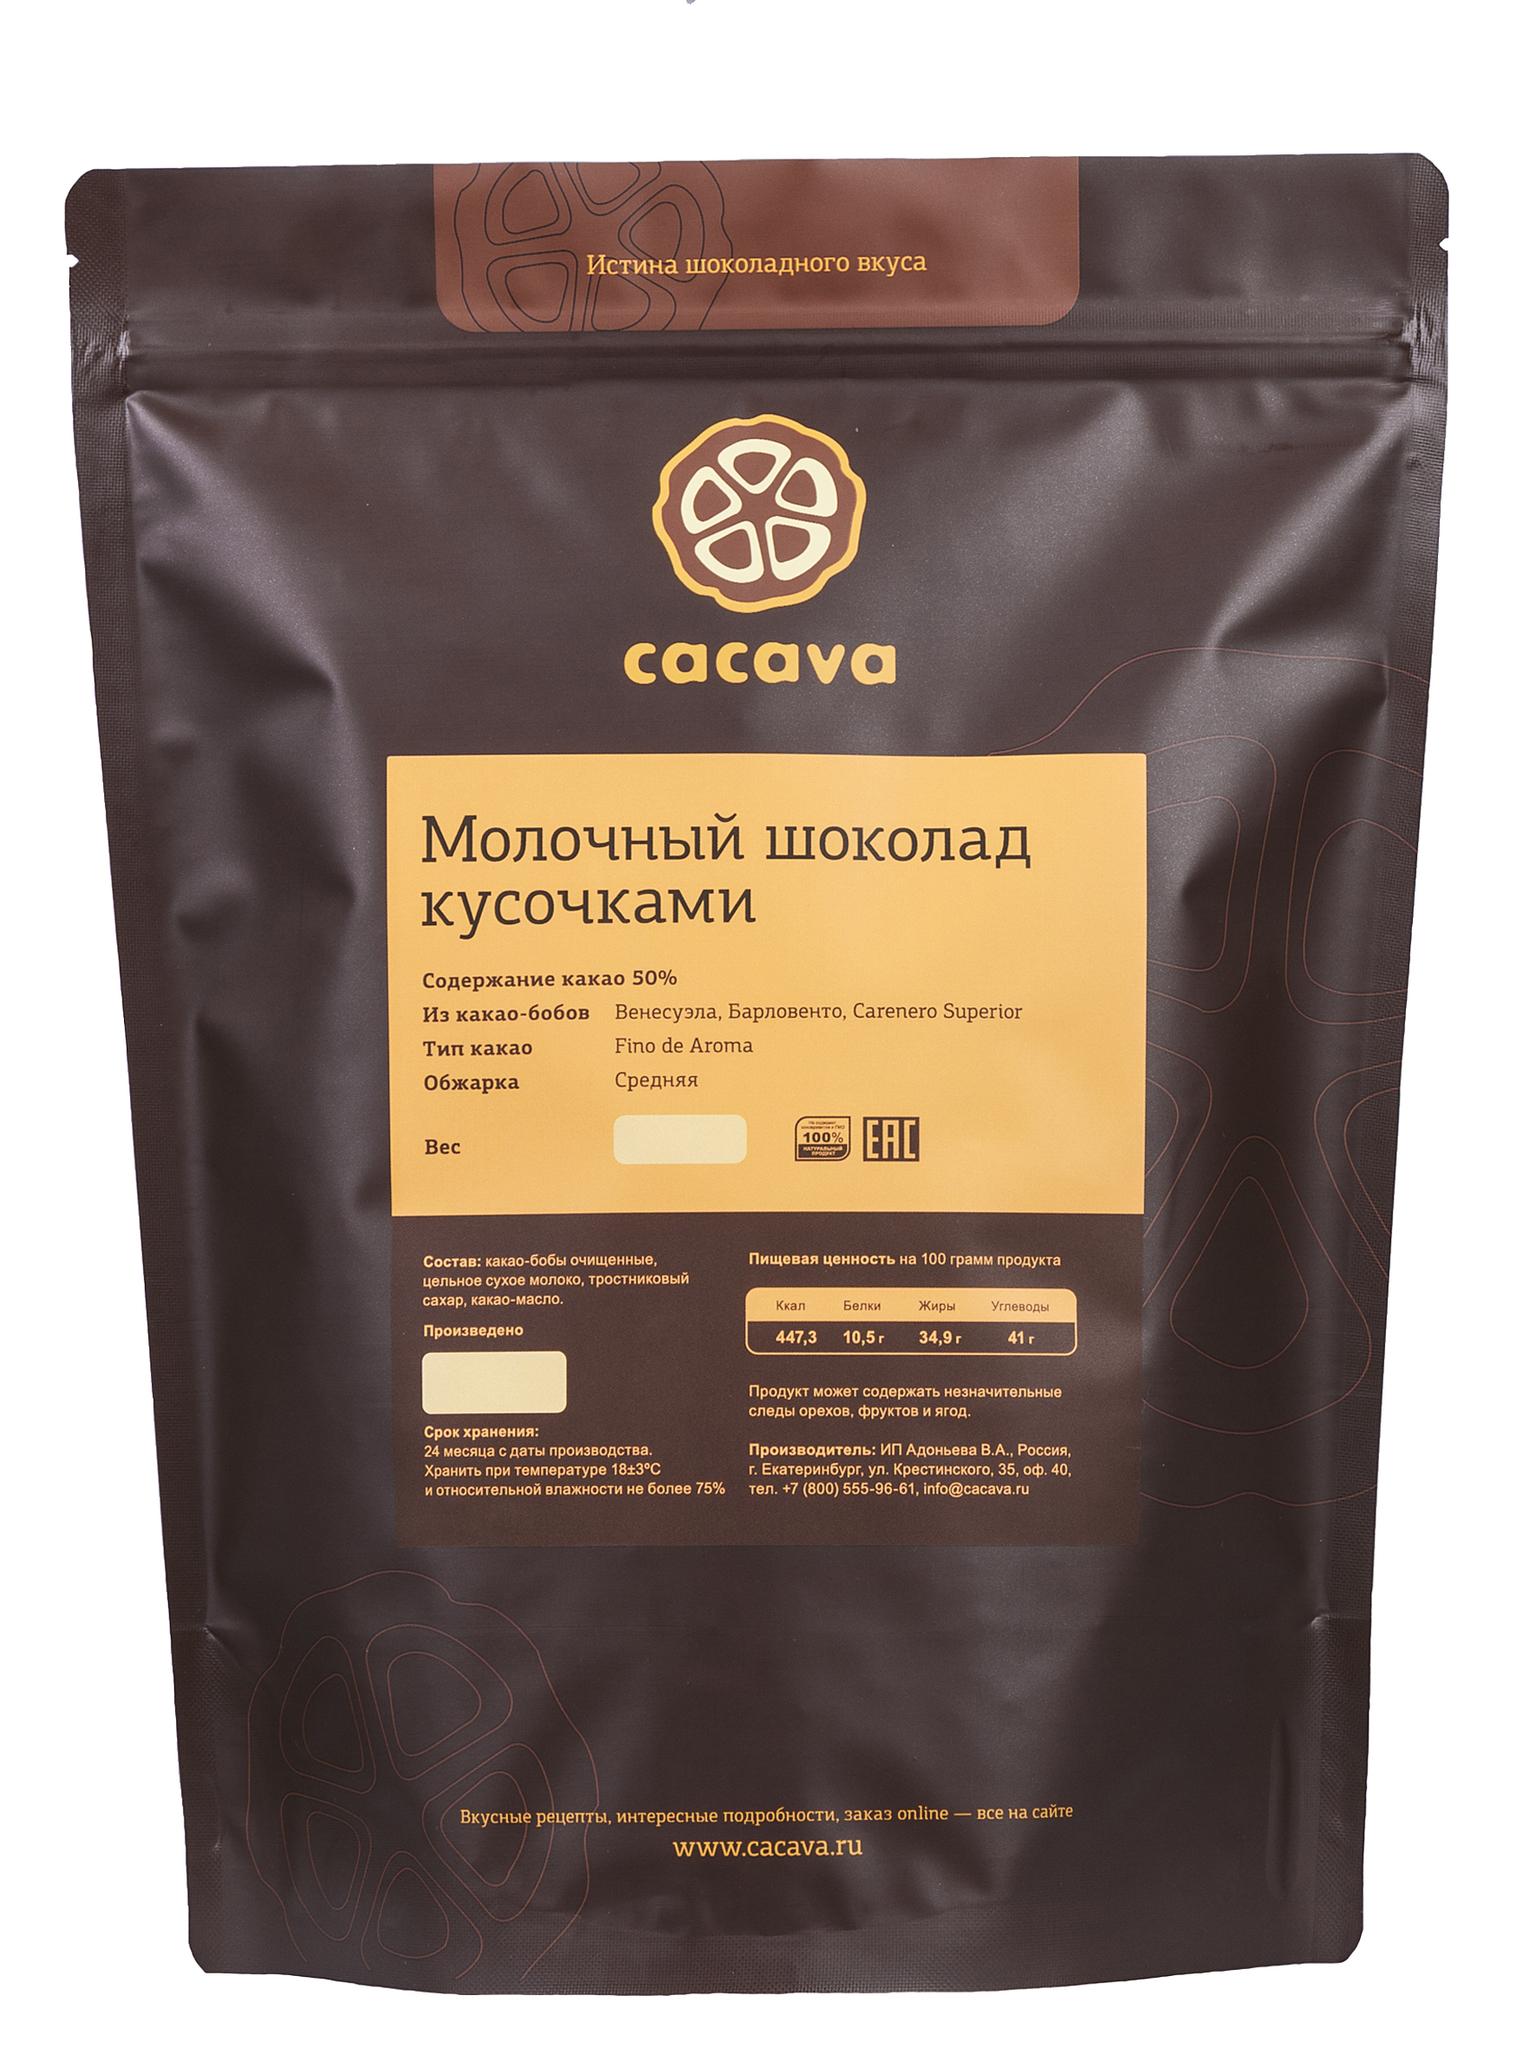 Молочный шоколад 50 % какао (Венесуэла), упаковка 1 кг